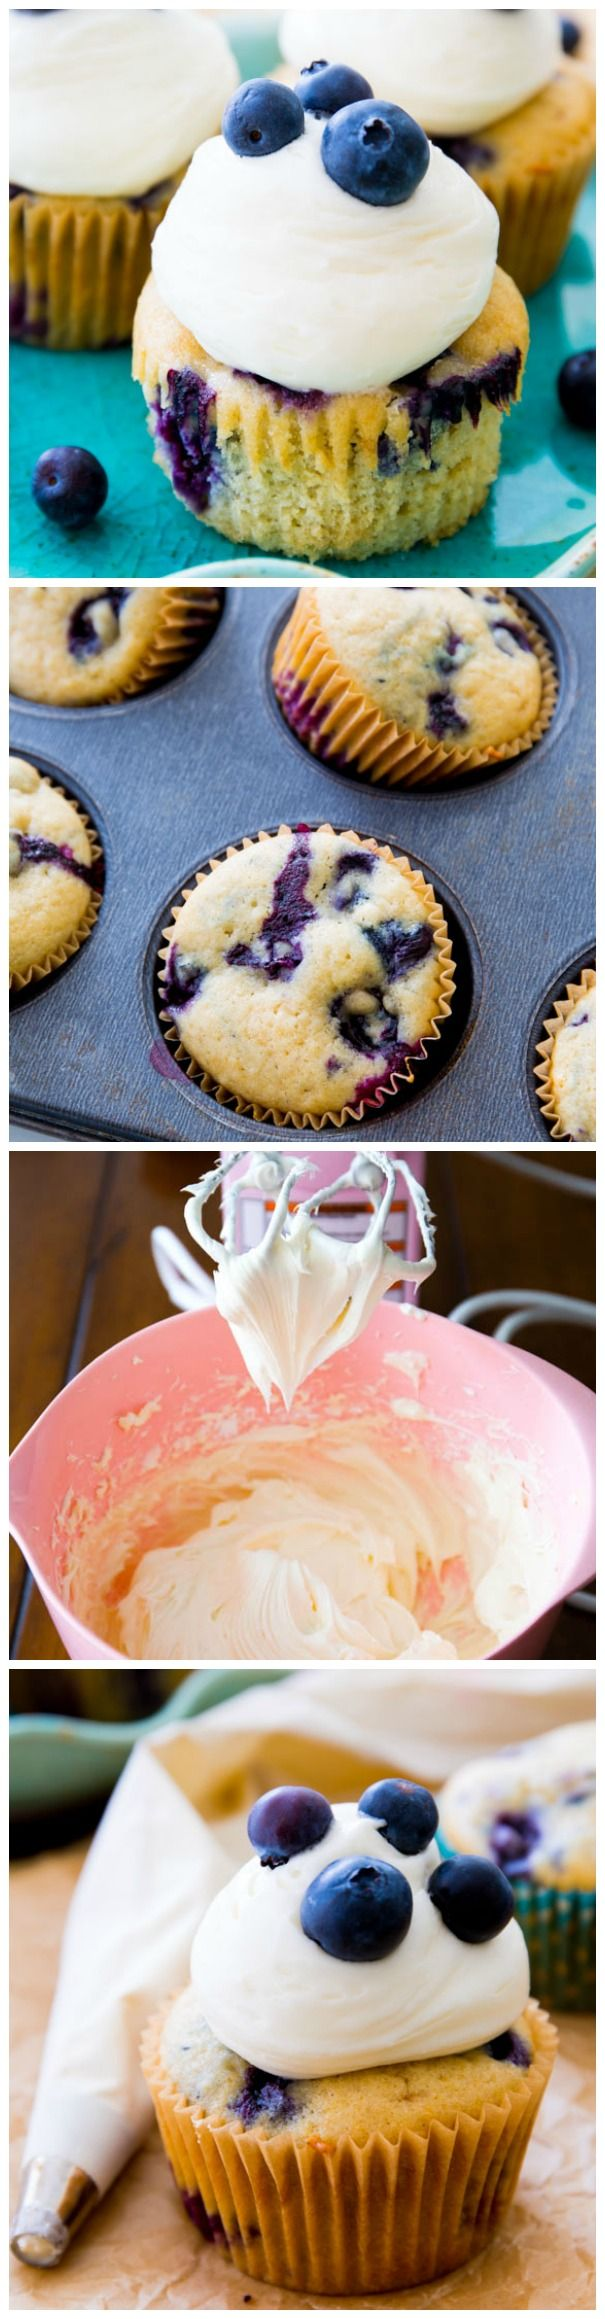 Blueberries 'n cream cupcakes - Simple, bon, efficace ! Trop de glacage par contre, prochaine fois je ferai au maximum la moitié de la recette !